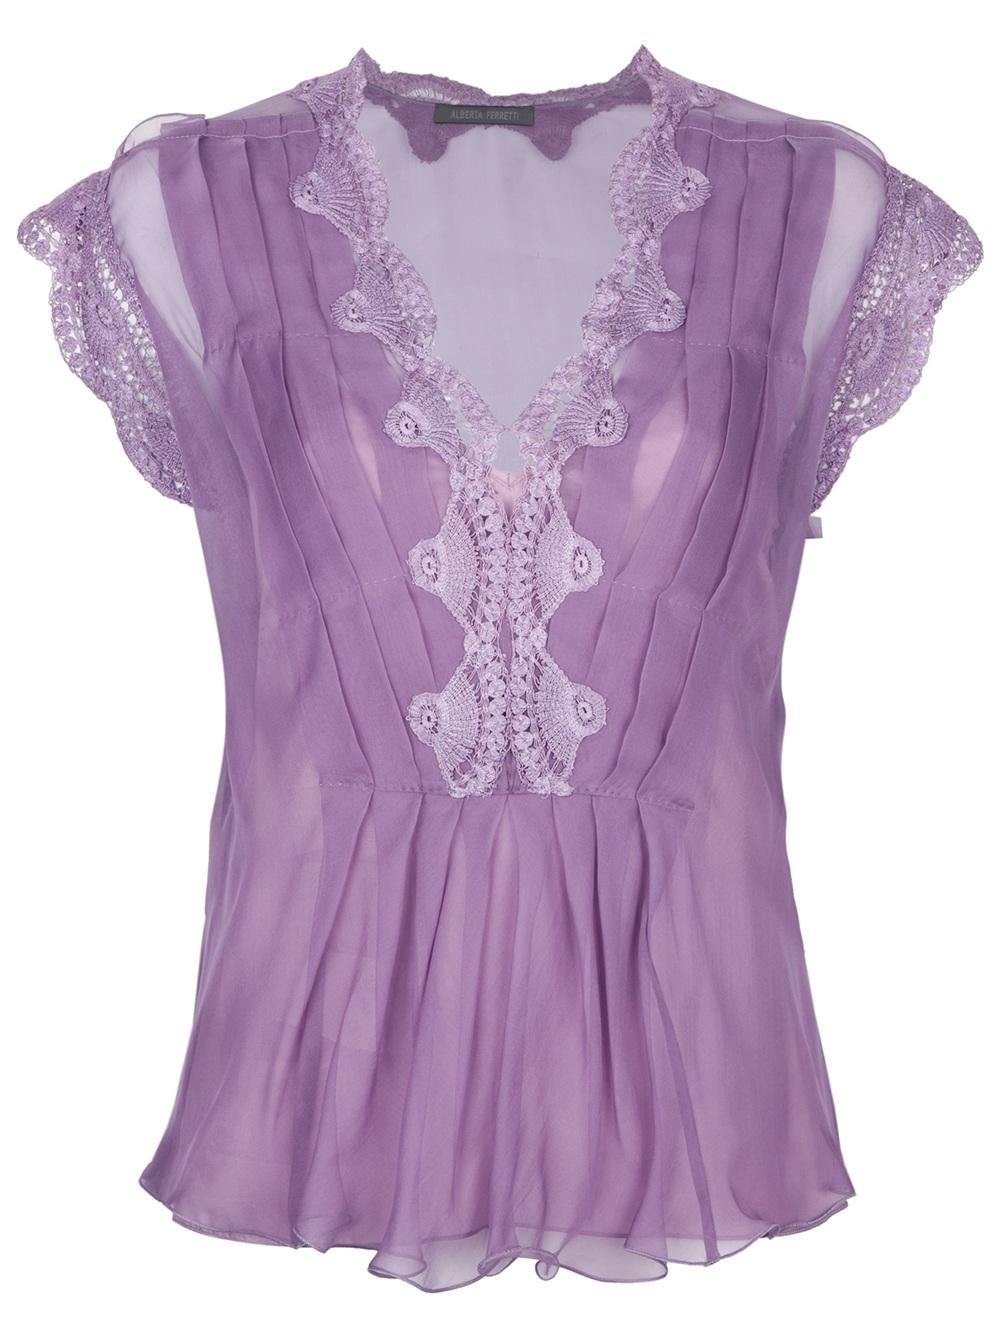 Alberta Ferretti Lace Embroidered Top In Purple  Lyst